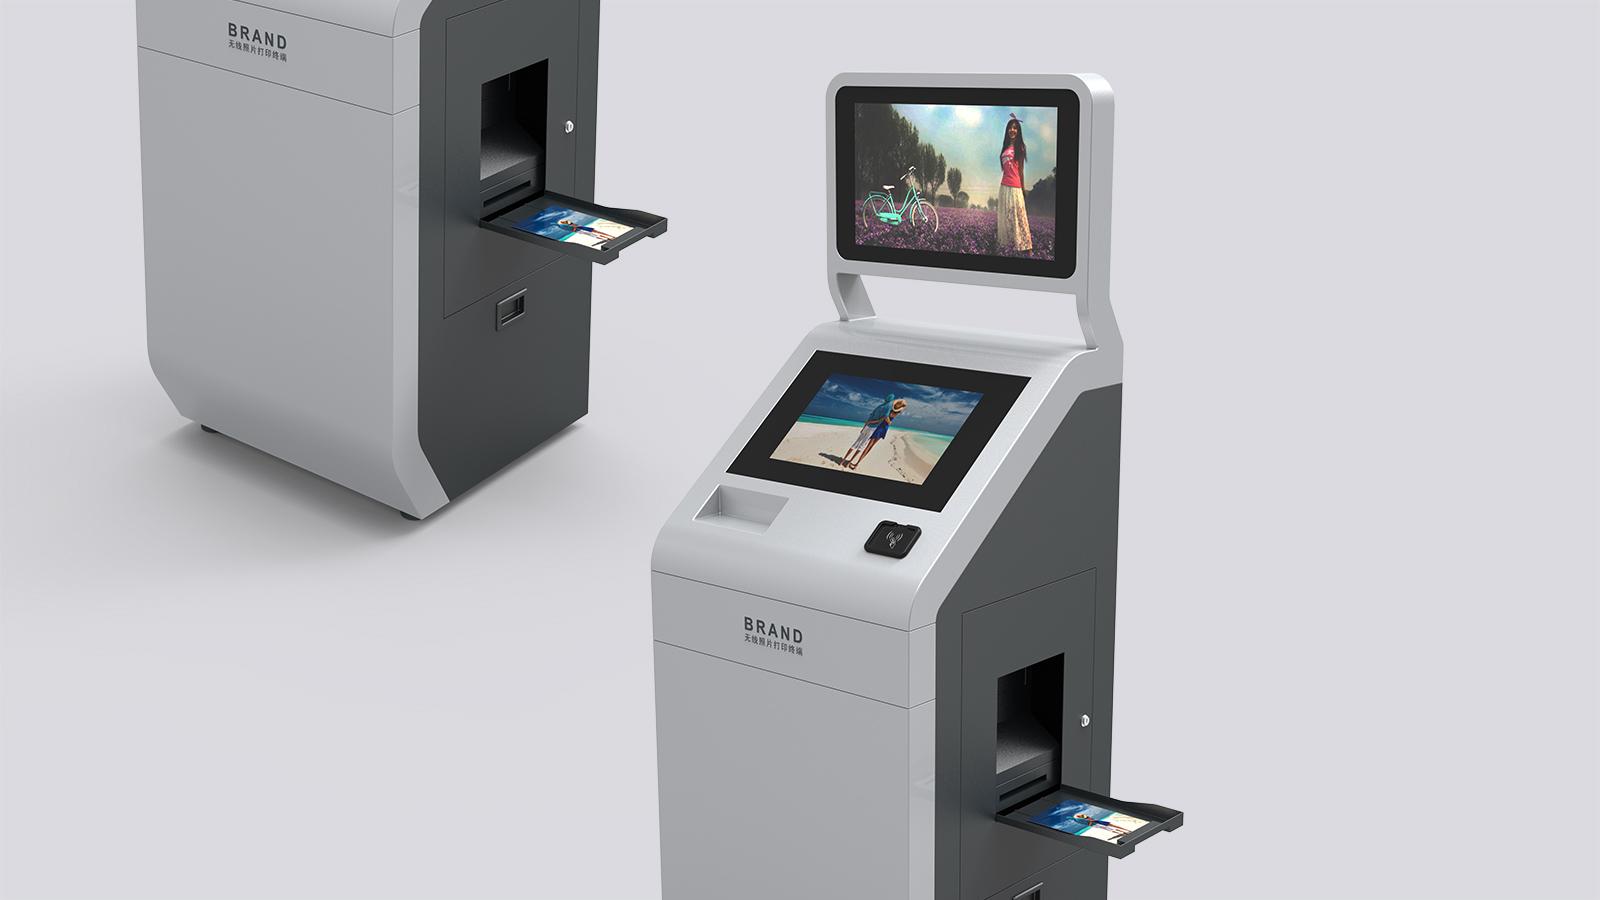 钣金产品设计及工艺设计广泛应用于机械设备领域